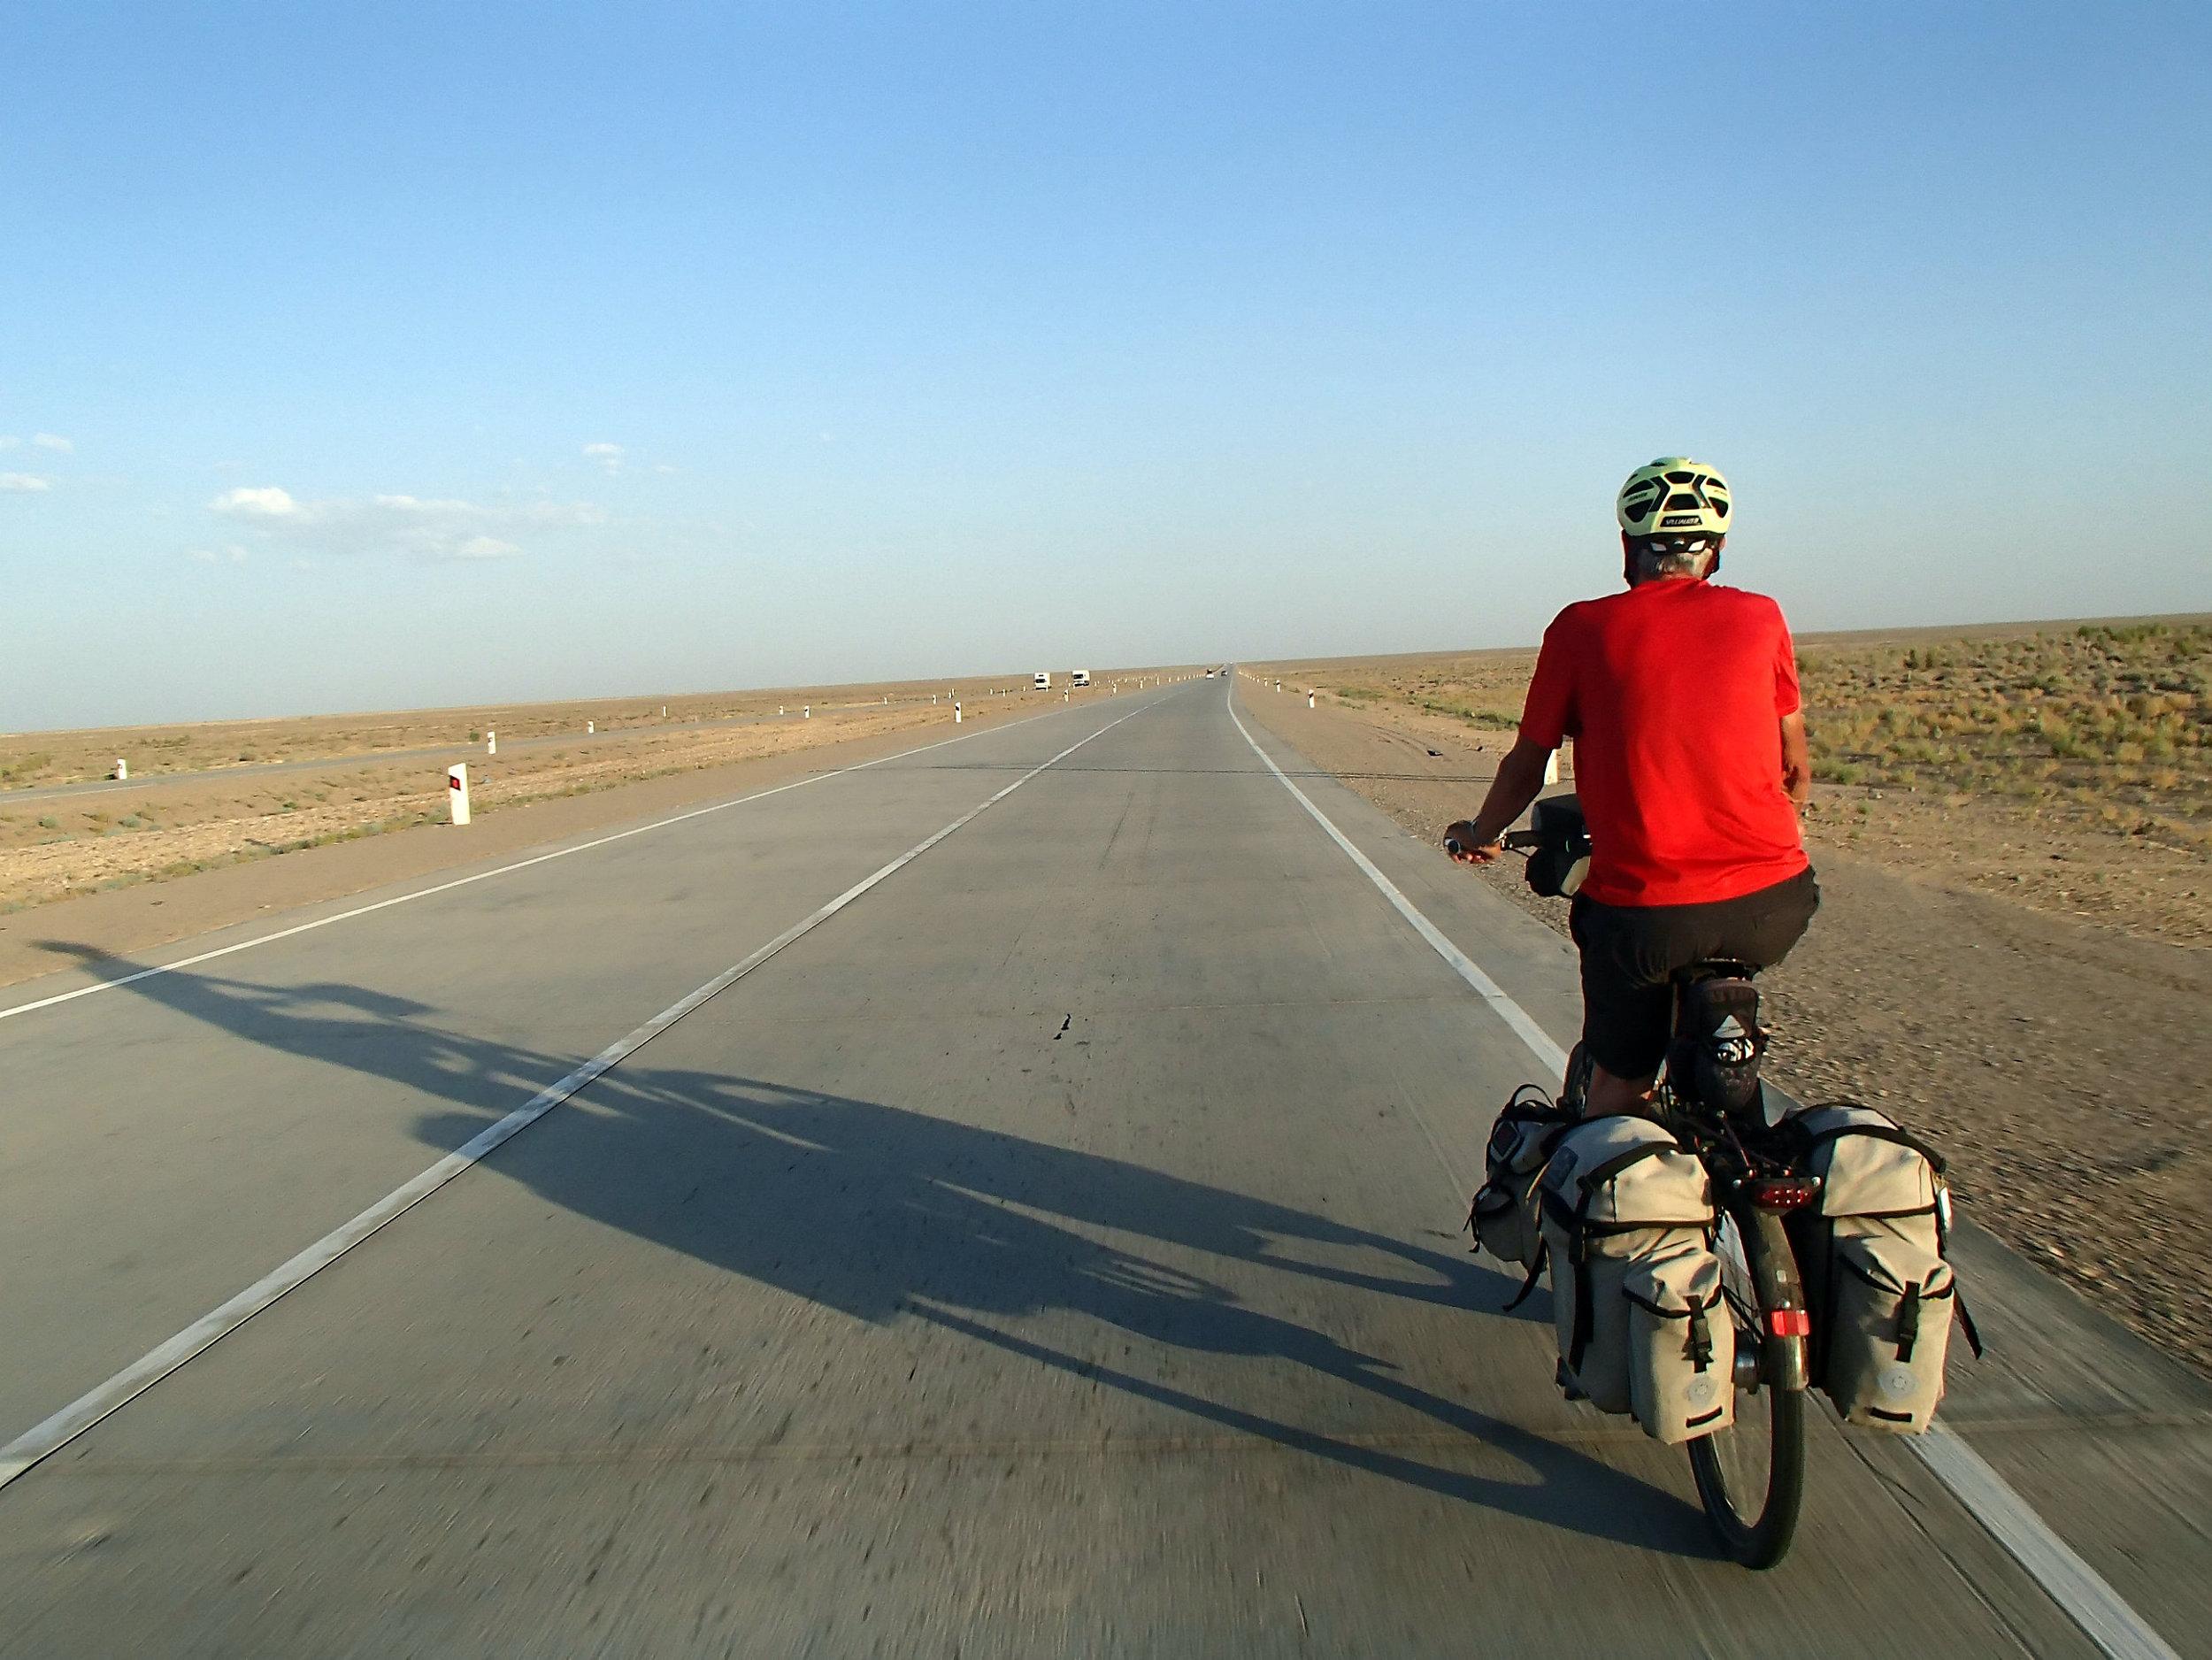 英国6旬夫妇骑行穿越16个国家 骑行1.9万公里抵达长城,辣女无敌